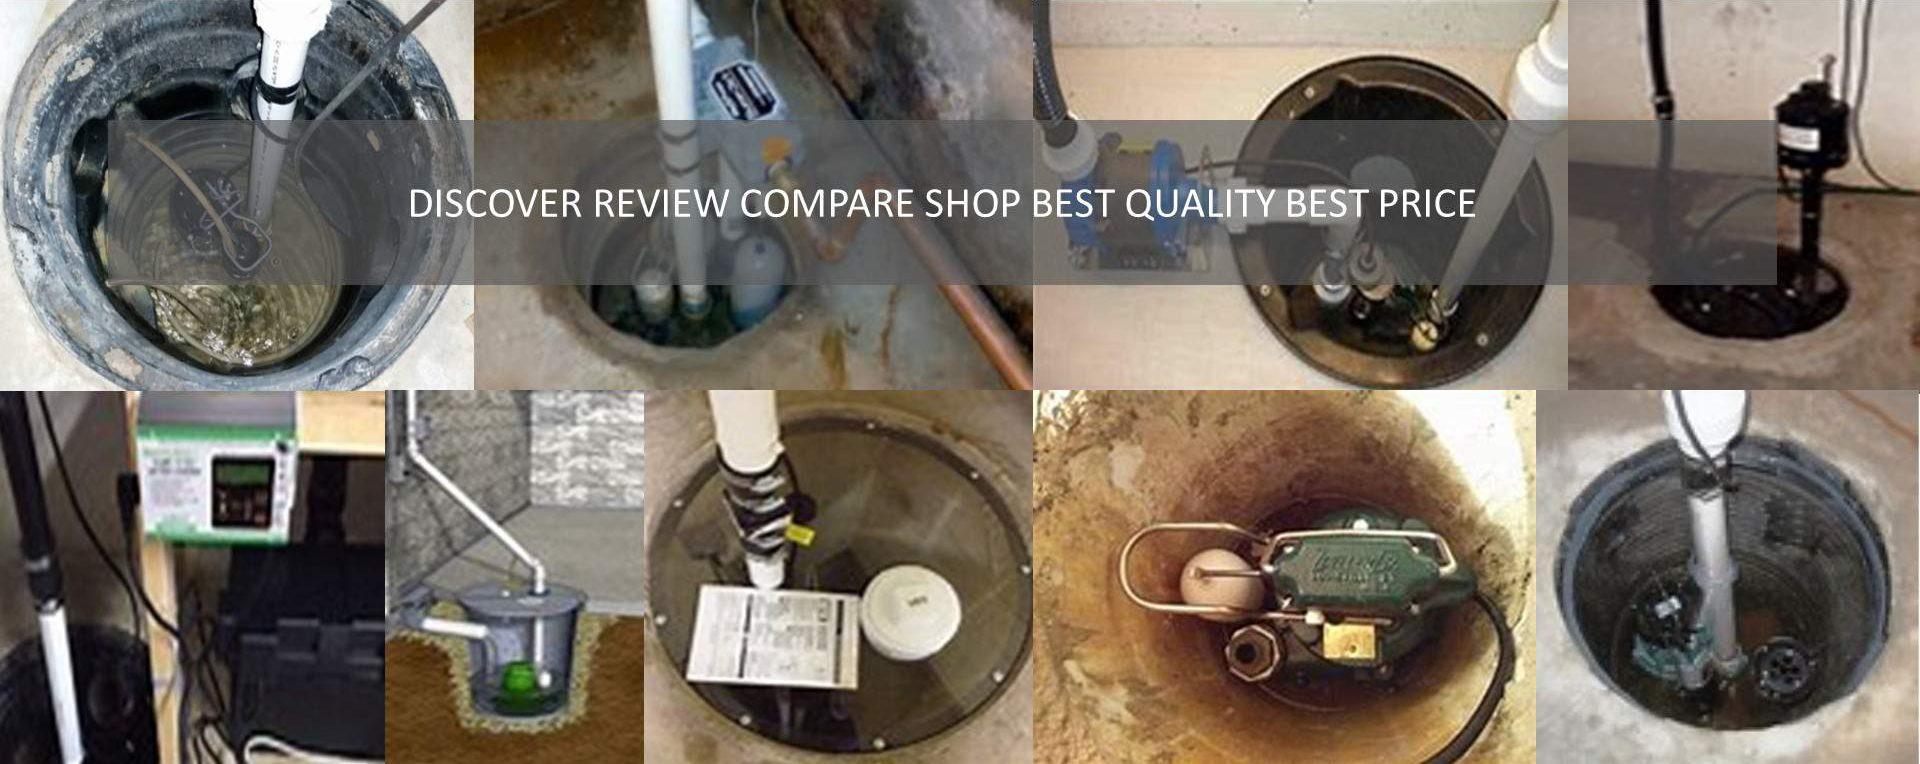 Sump Pump PumpsSelection.com Find Best Quality Best Price Shop Today at SumpPumps.PumpsSelection.com